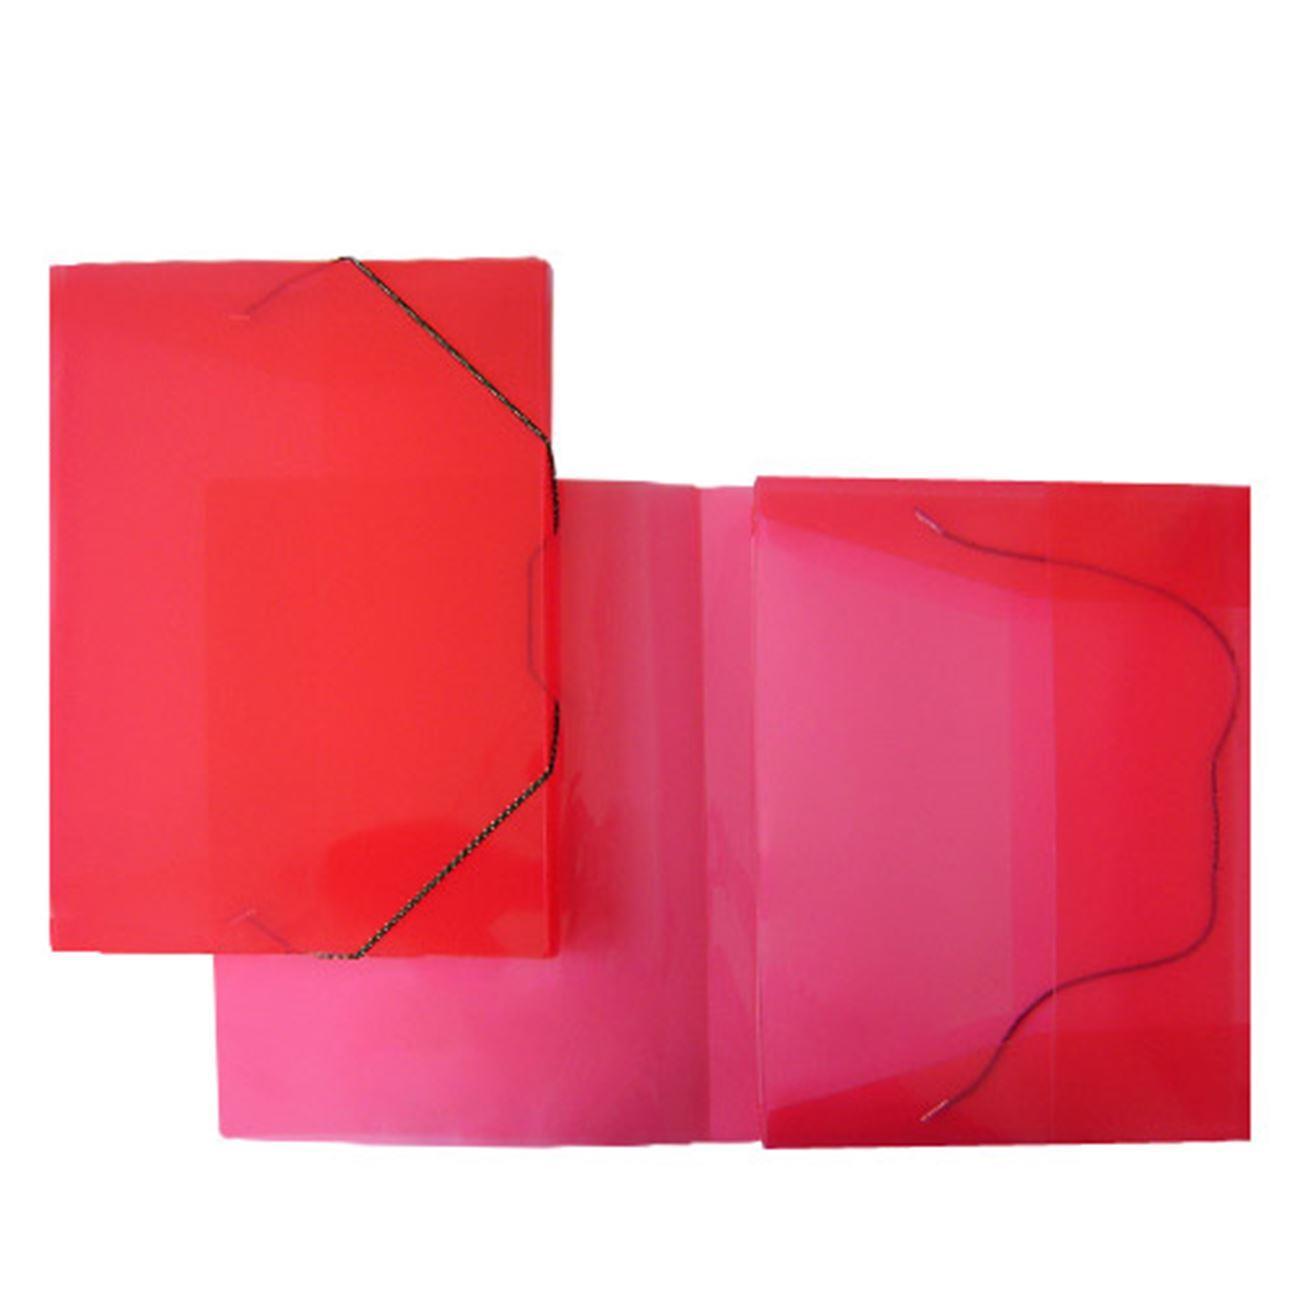 Κουτί λάστιχο 25x33x3 cm οπάλ κόκκινο